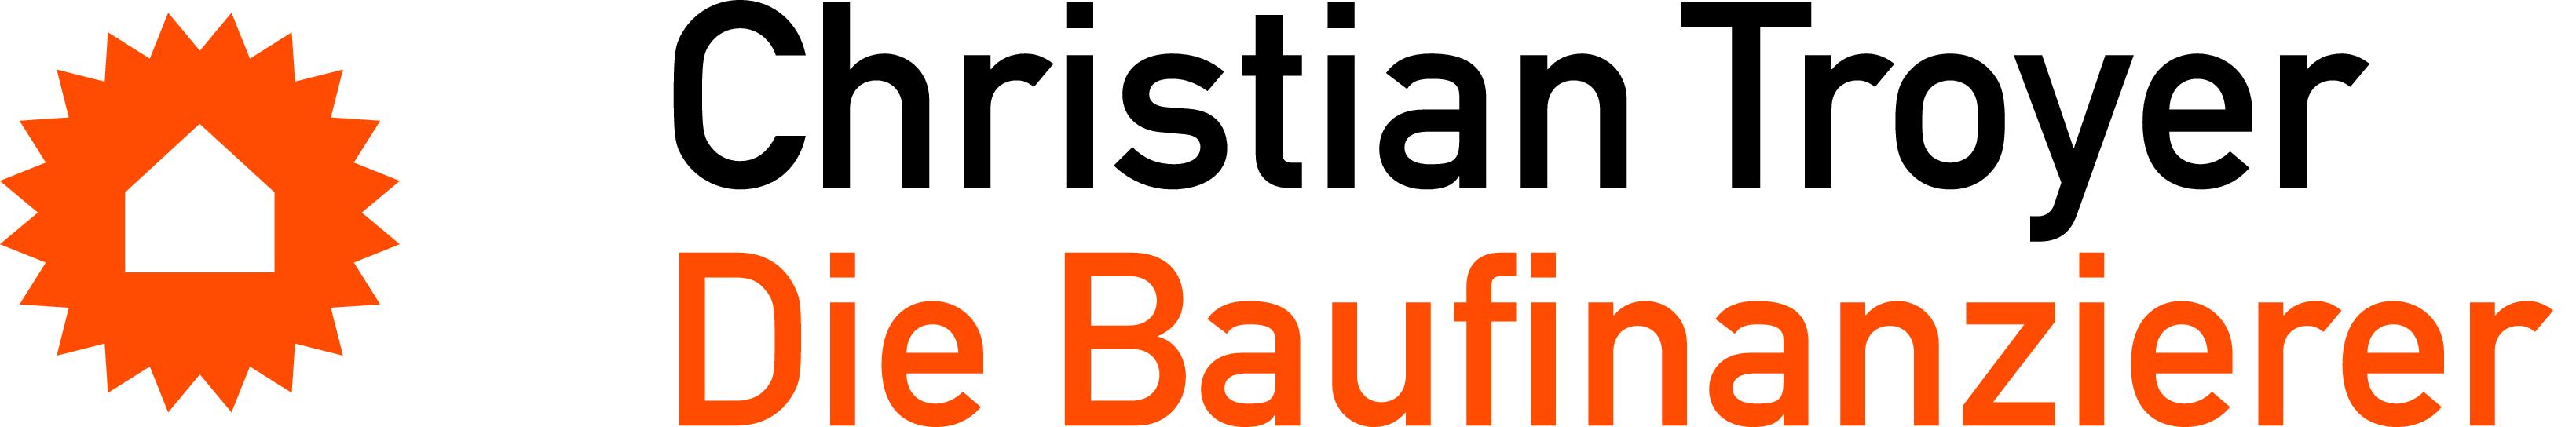 Die Baufinanzierer Logo